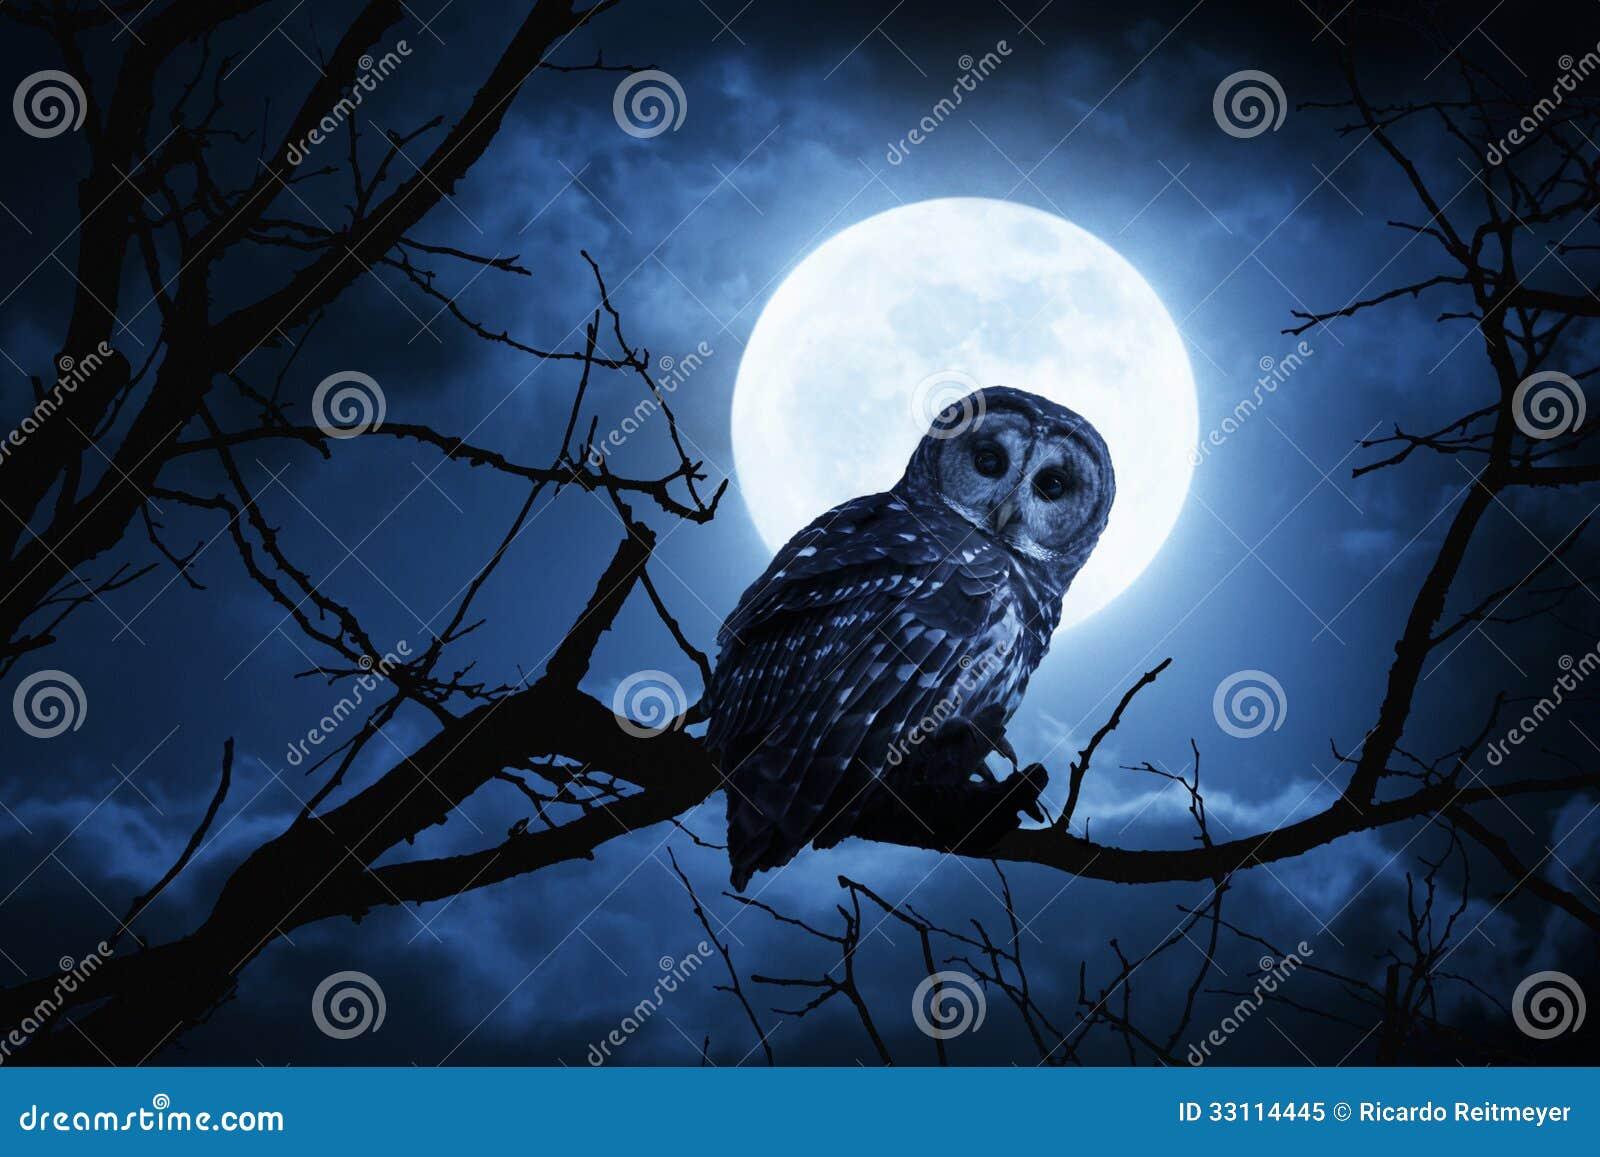 Luna Llena de Owl Watches Intently Illuminated By el la noche de Halloween